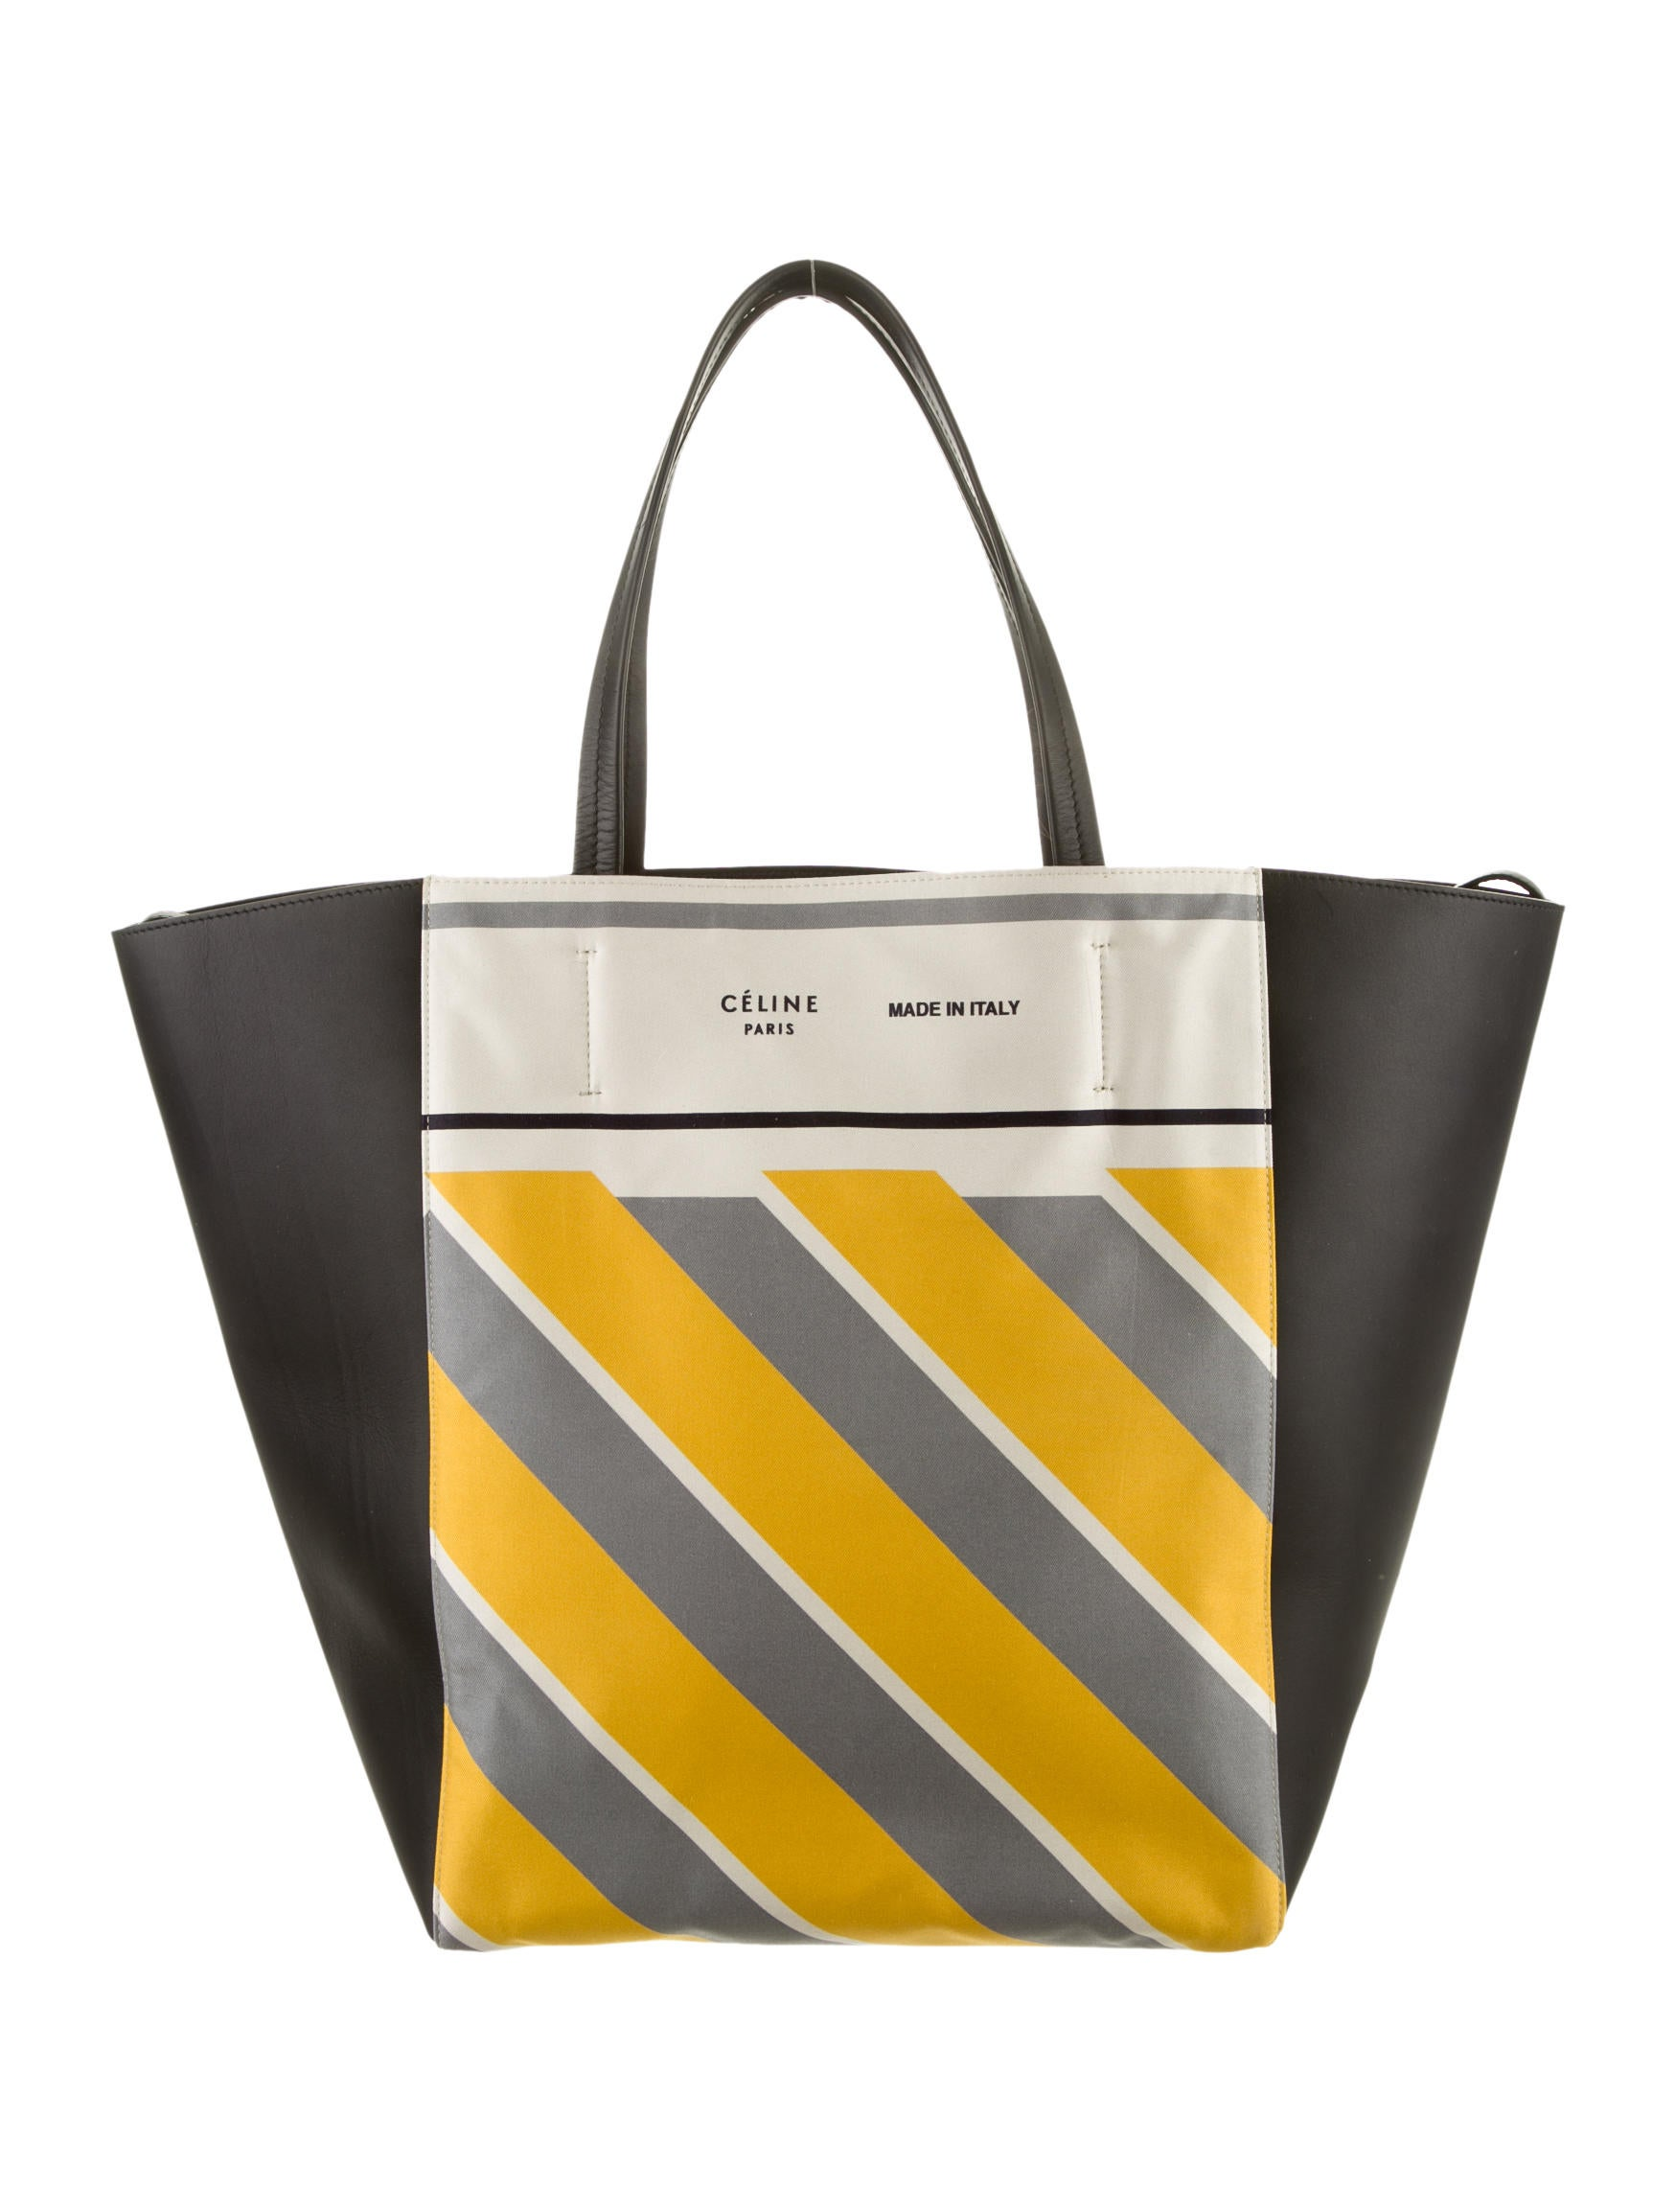 Интернет-магазин ЦУМ: Celine - сумки, пальто, одежда